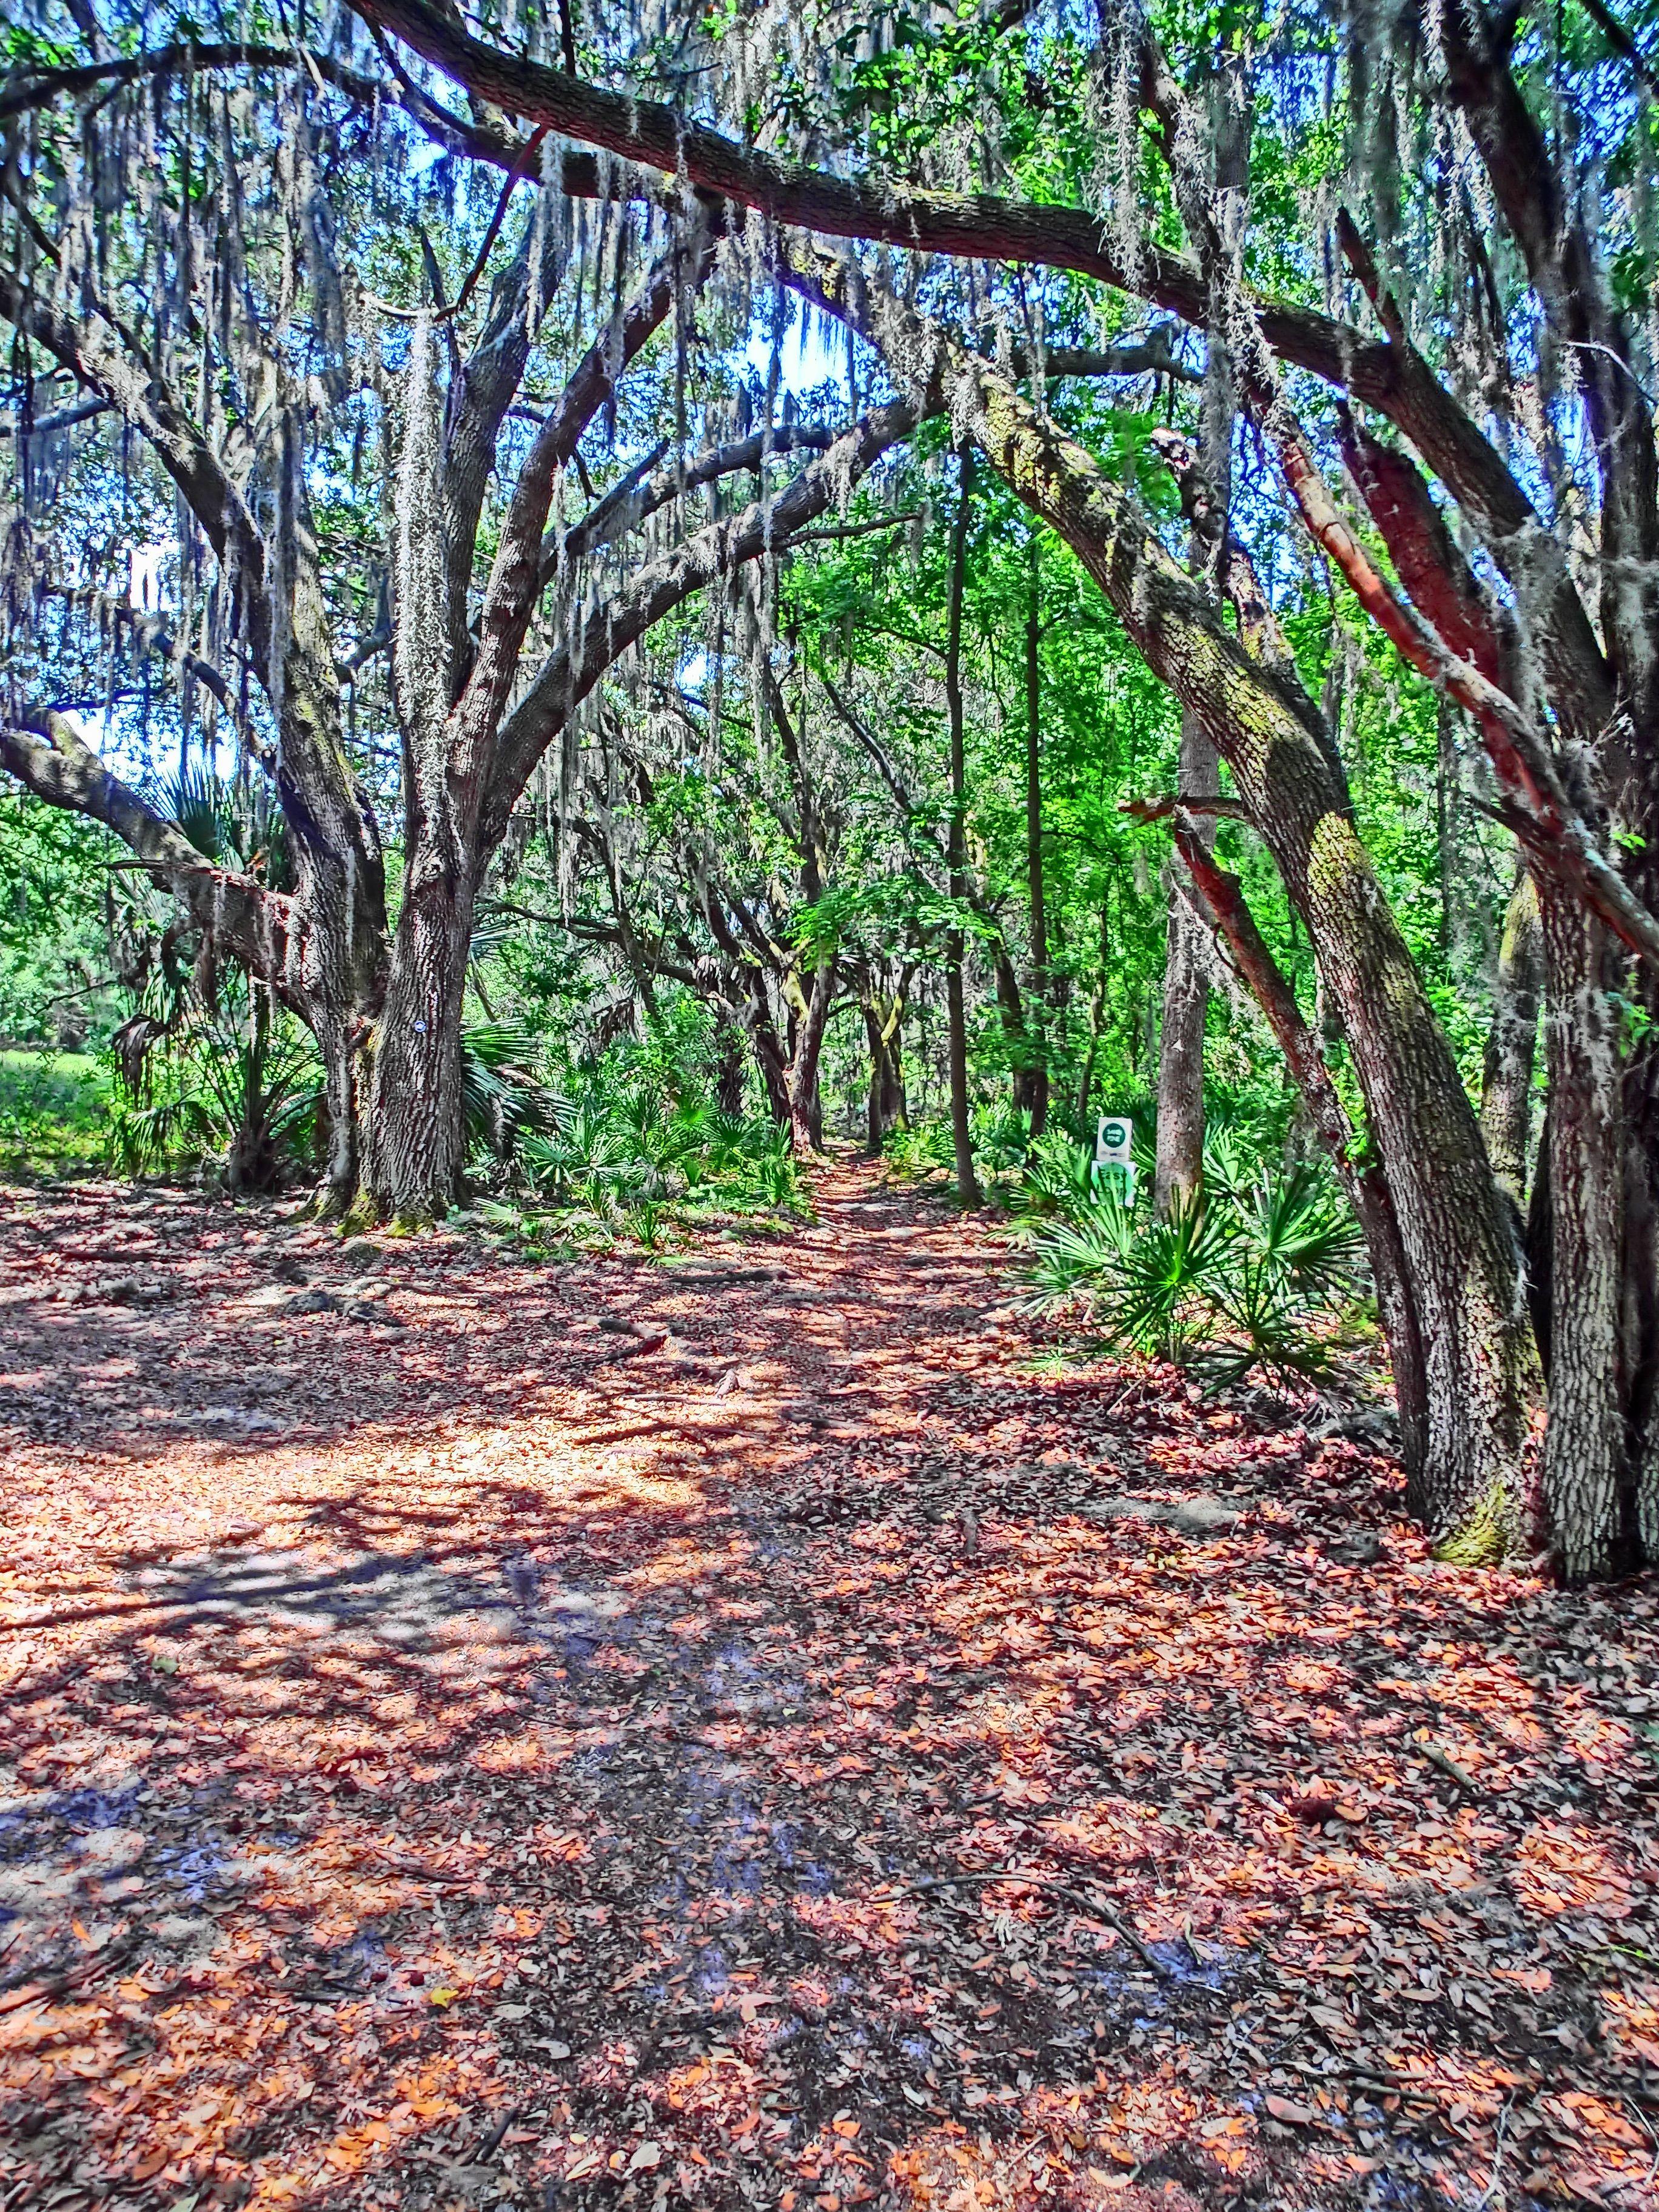 Alafia River State Park Florida state parks, State parks